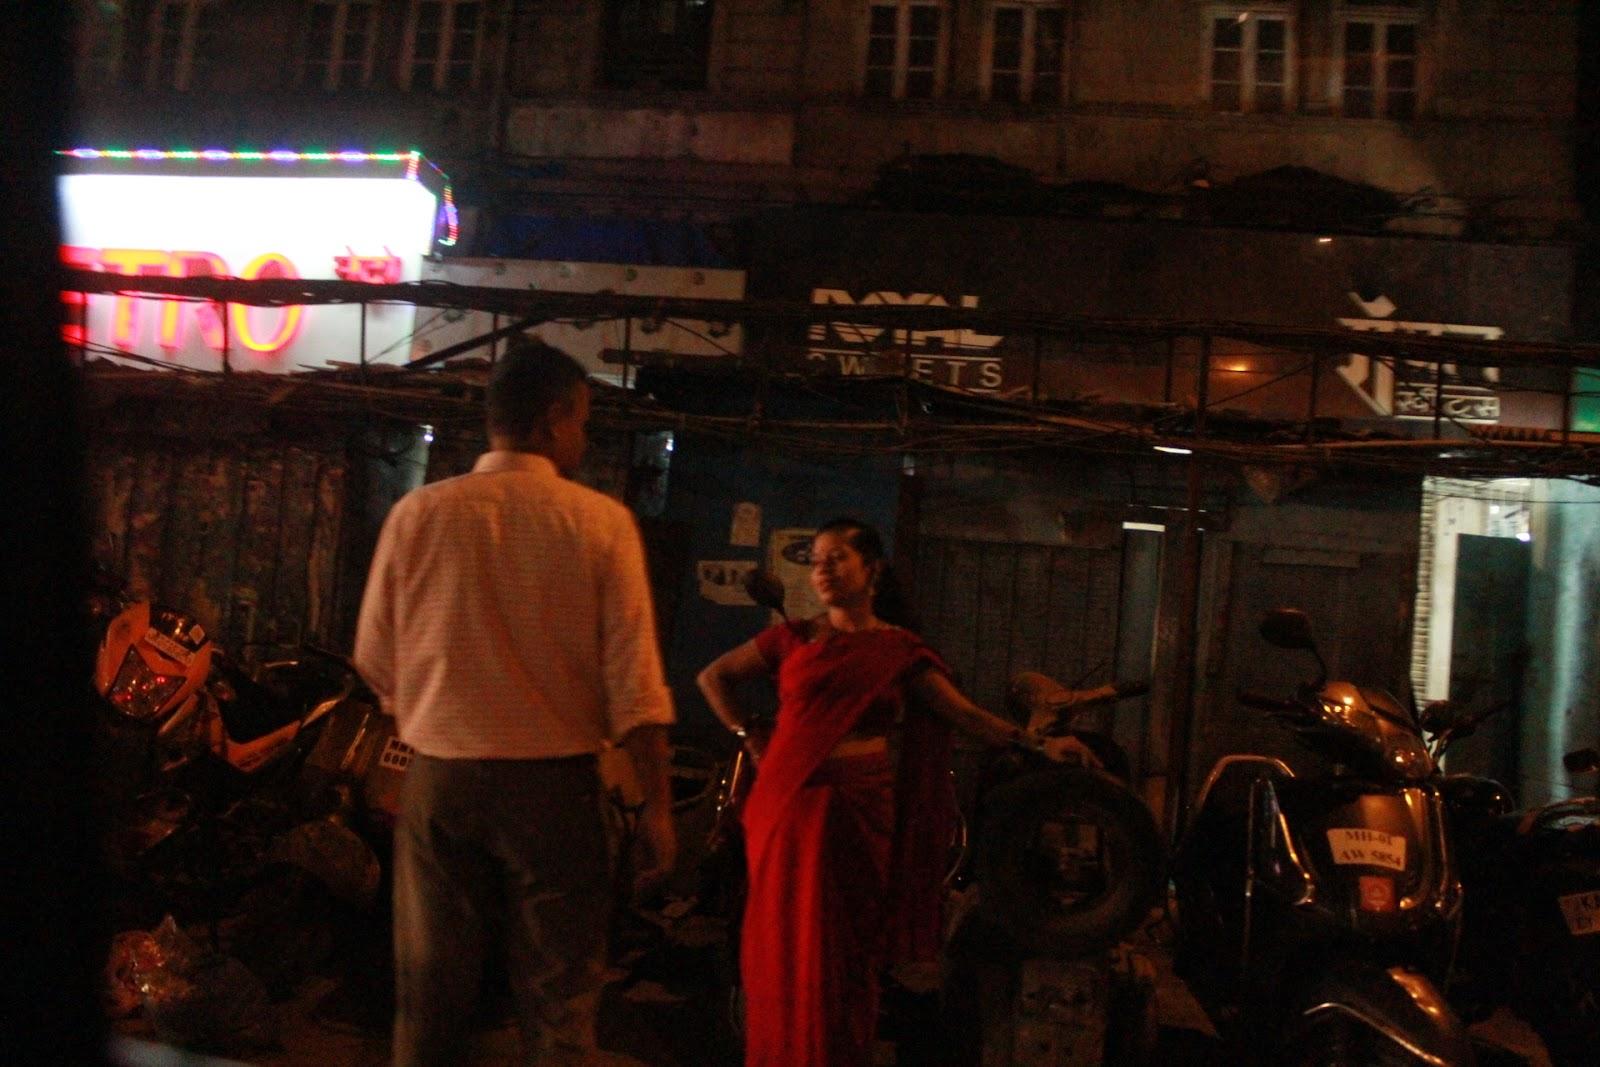 Grant road mumbai sex